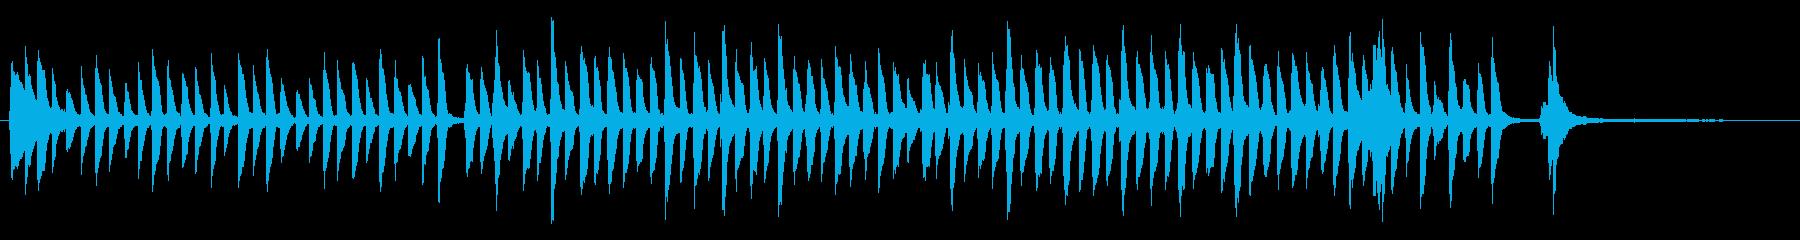 ピアノかわいいジングル 明るくほのぼのの再生済みの波形